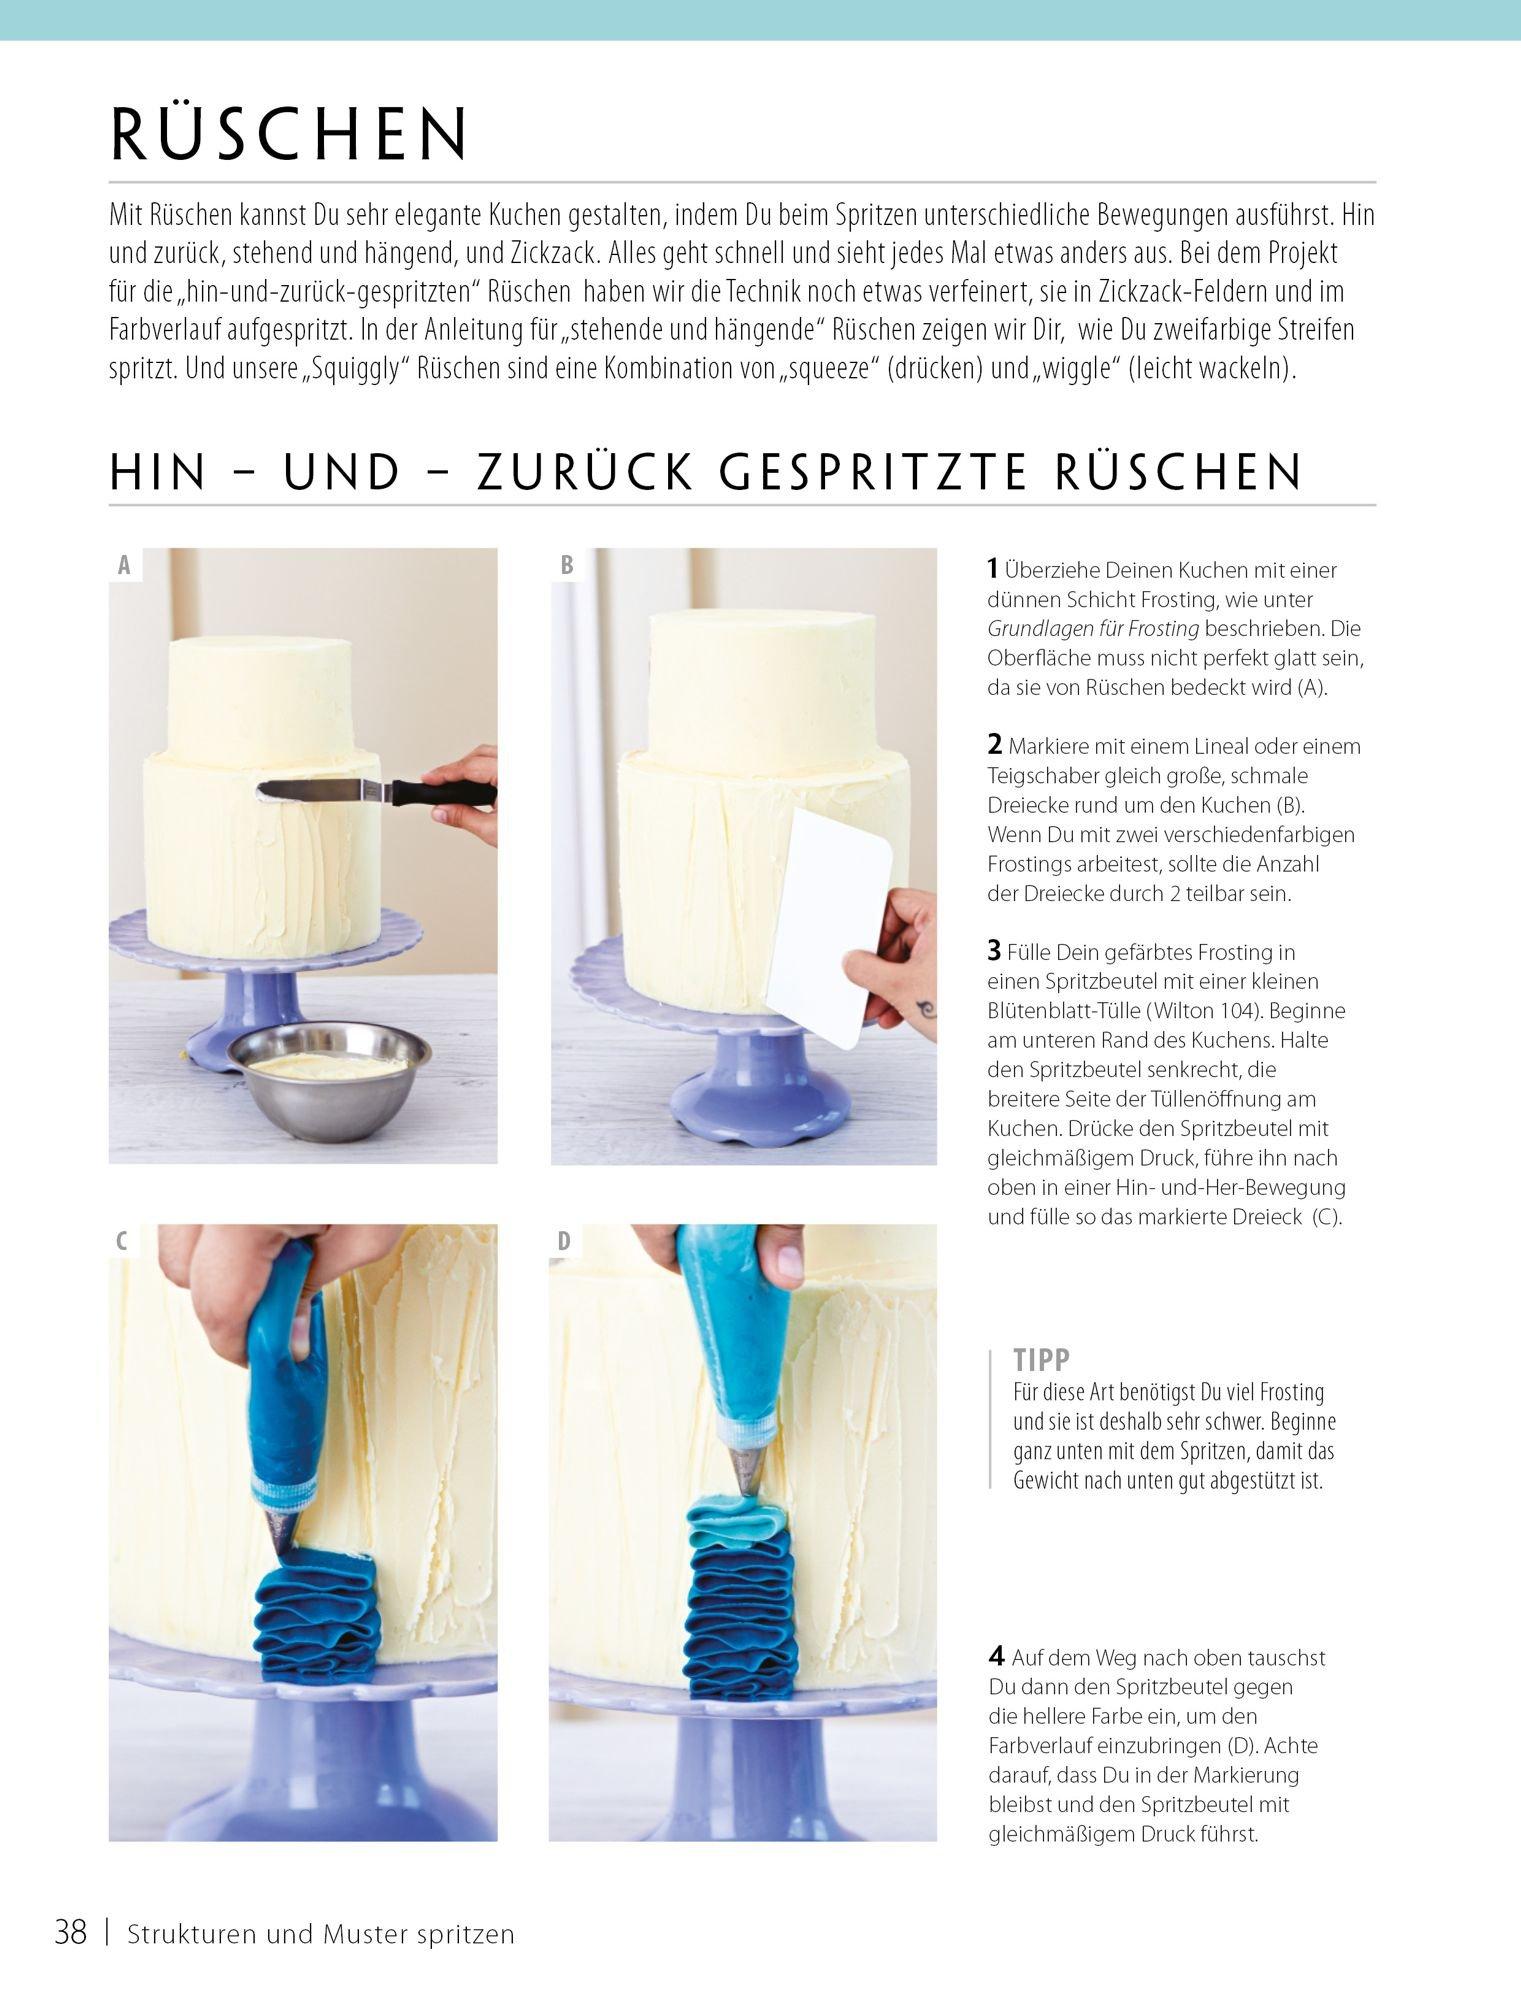 Beste Farbe Nach Anzahl Algebra Arbeitsblatt Galerie - Mathe ...